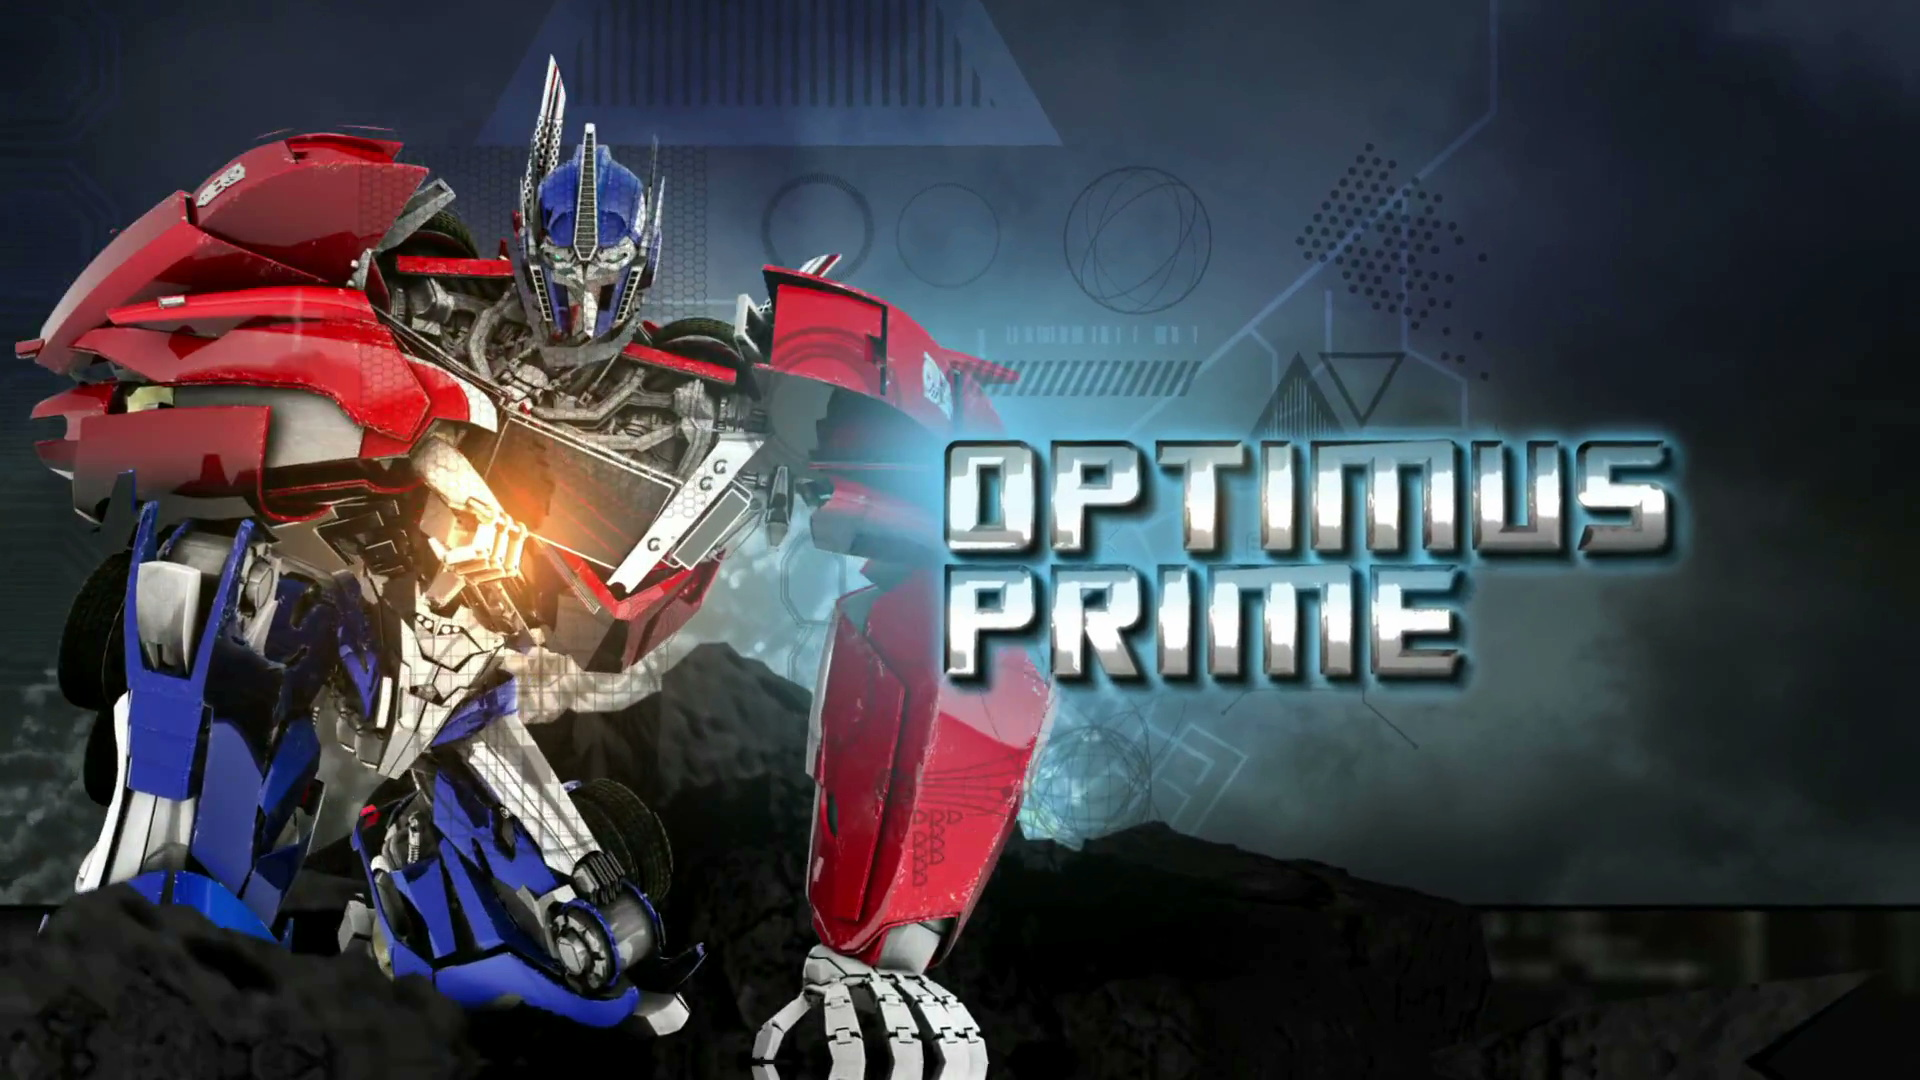 transformers prime optimus prime